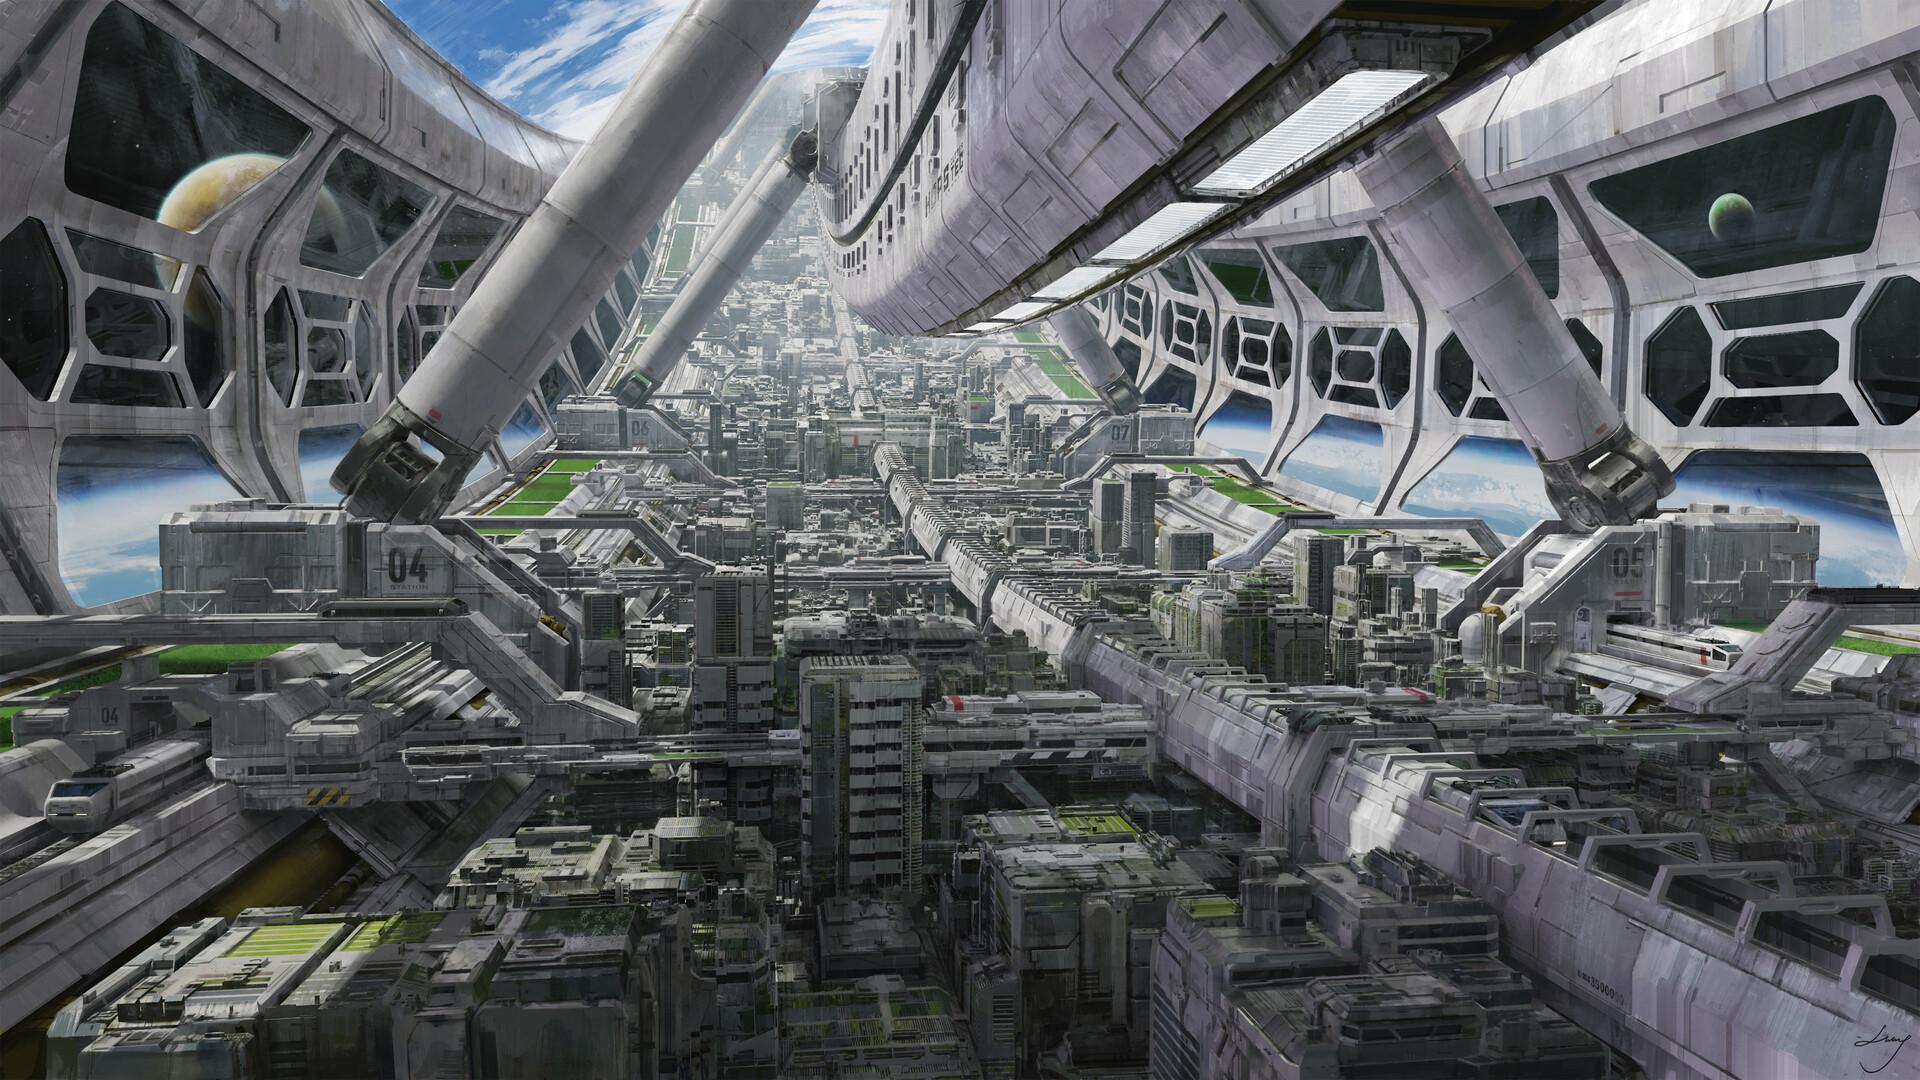 scifi art concept design station space